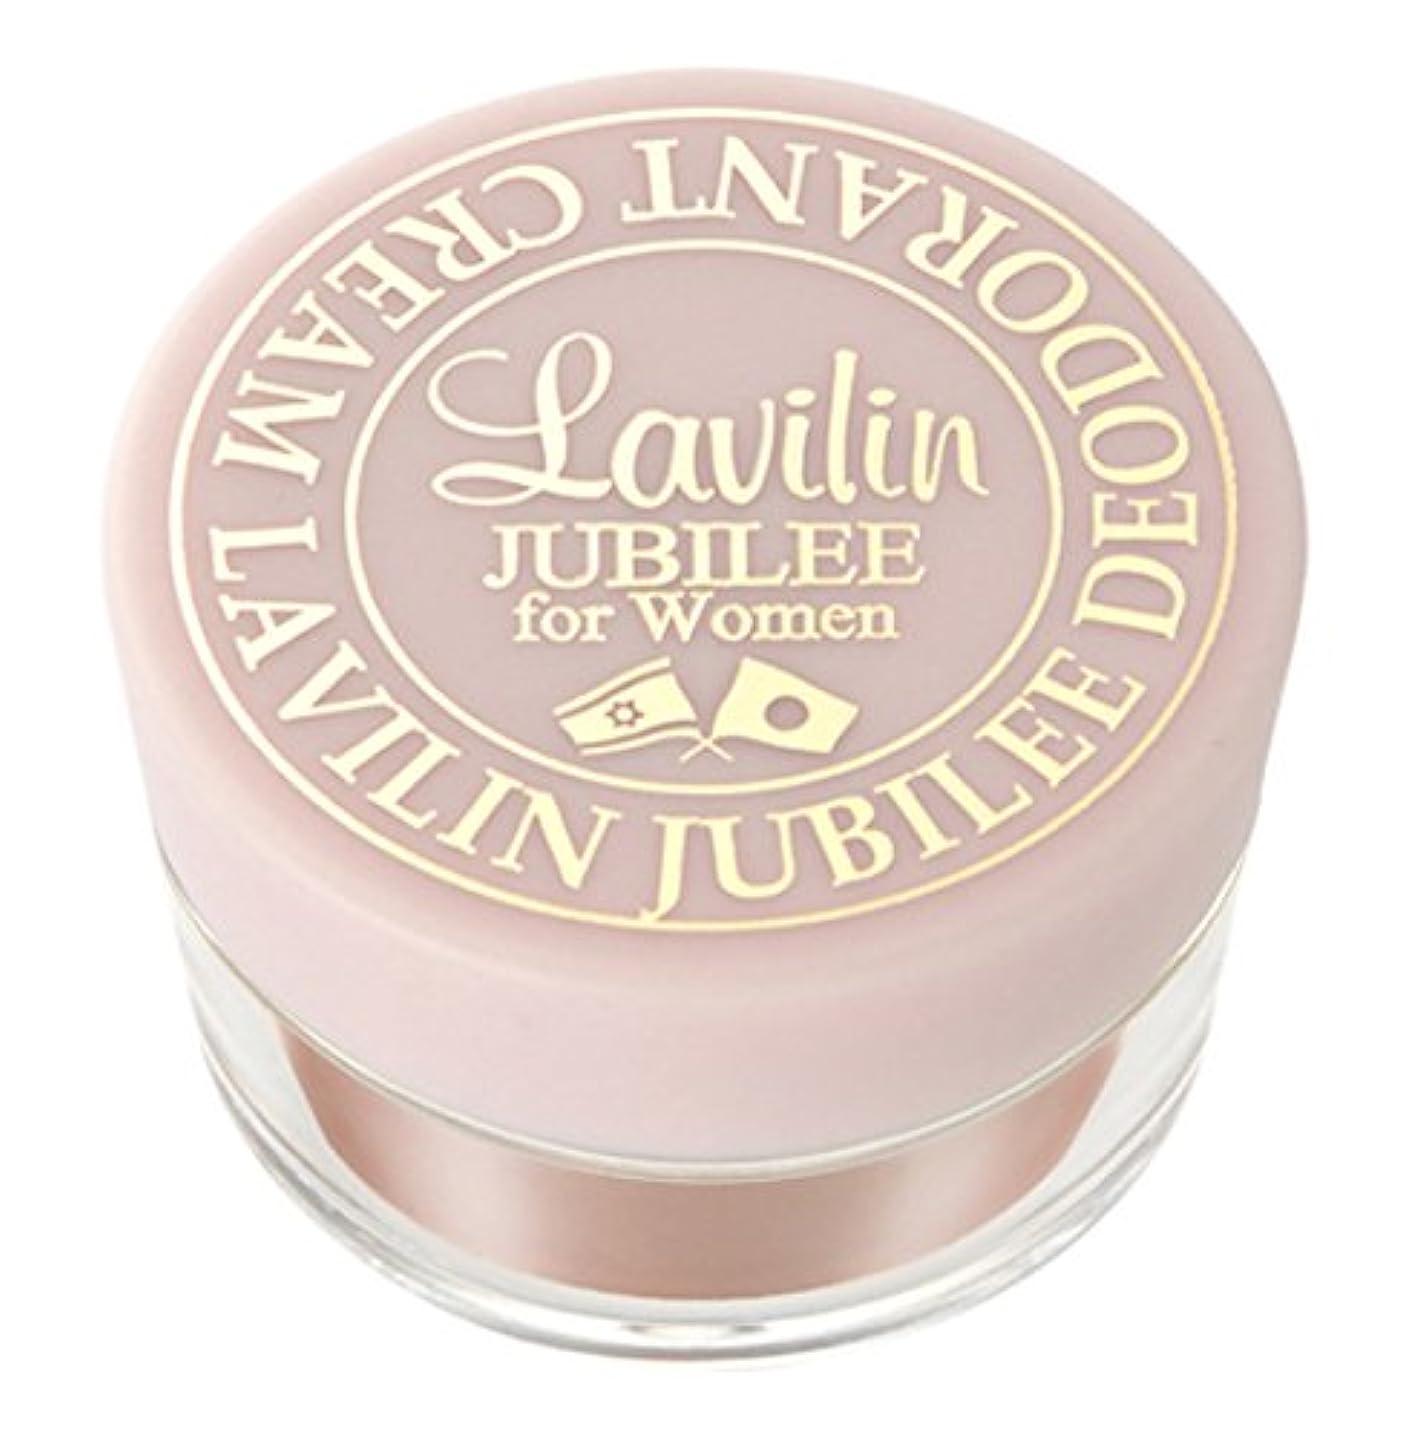 女優オアシスにんじんLavilin Jubilee(ラヴィリンジュビリー)デオドラント ラヴィリンジュビリー フォーウーメン15g